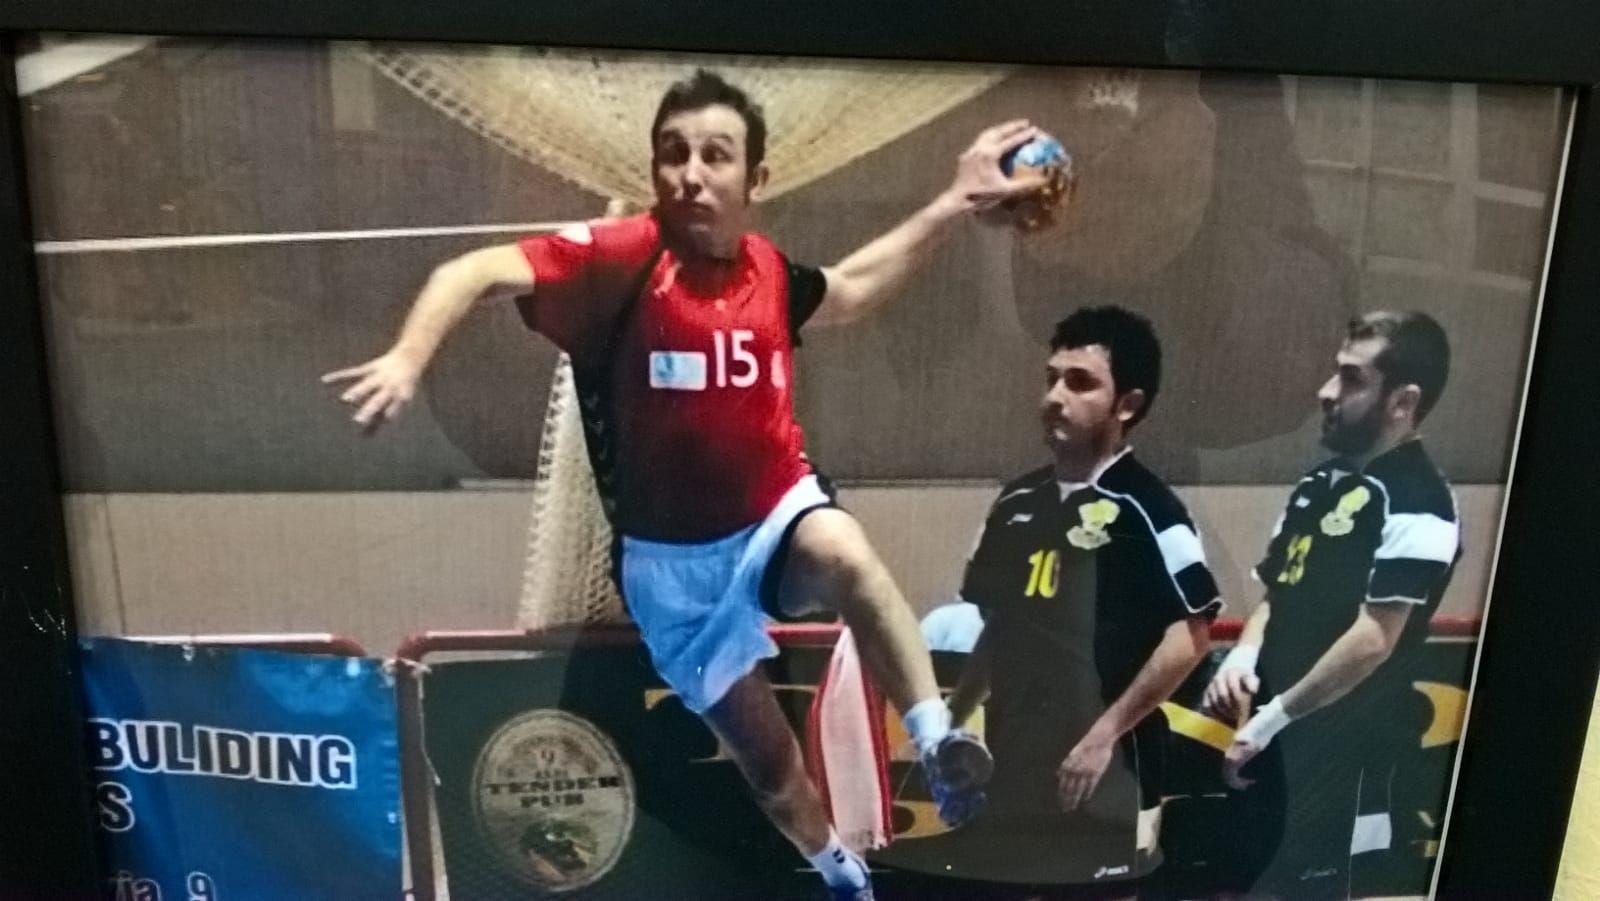 – Sportivo, Campione e Coach di Pallamano – Intervista con Marco Lo Duca